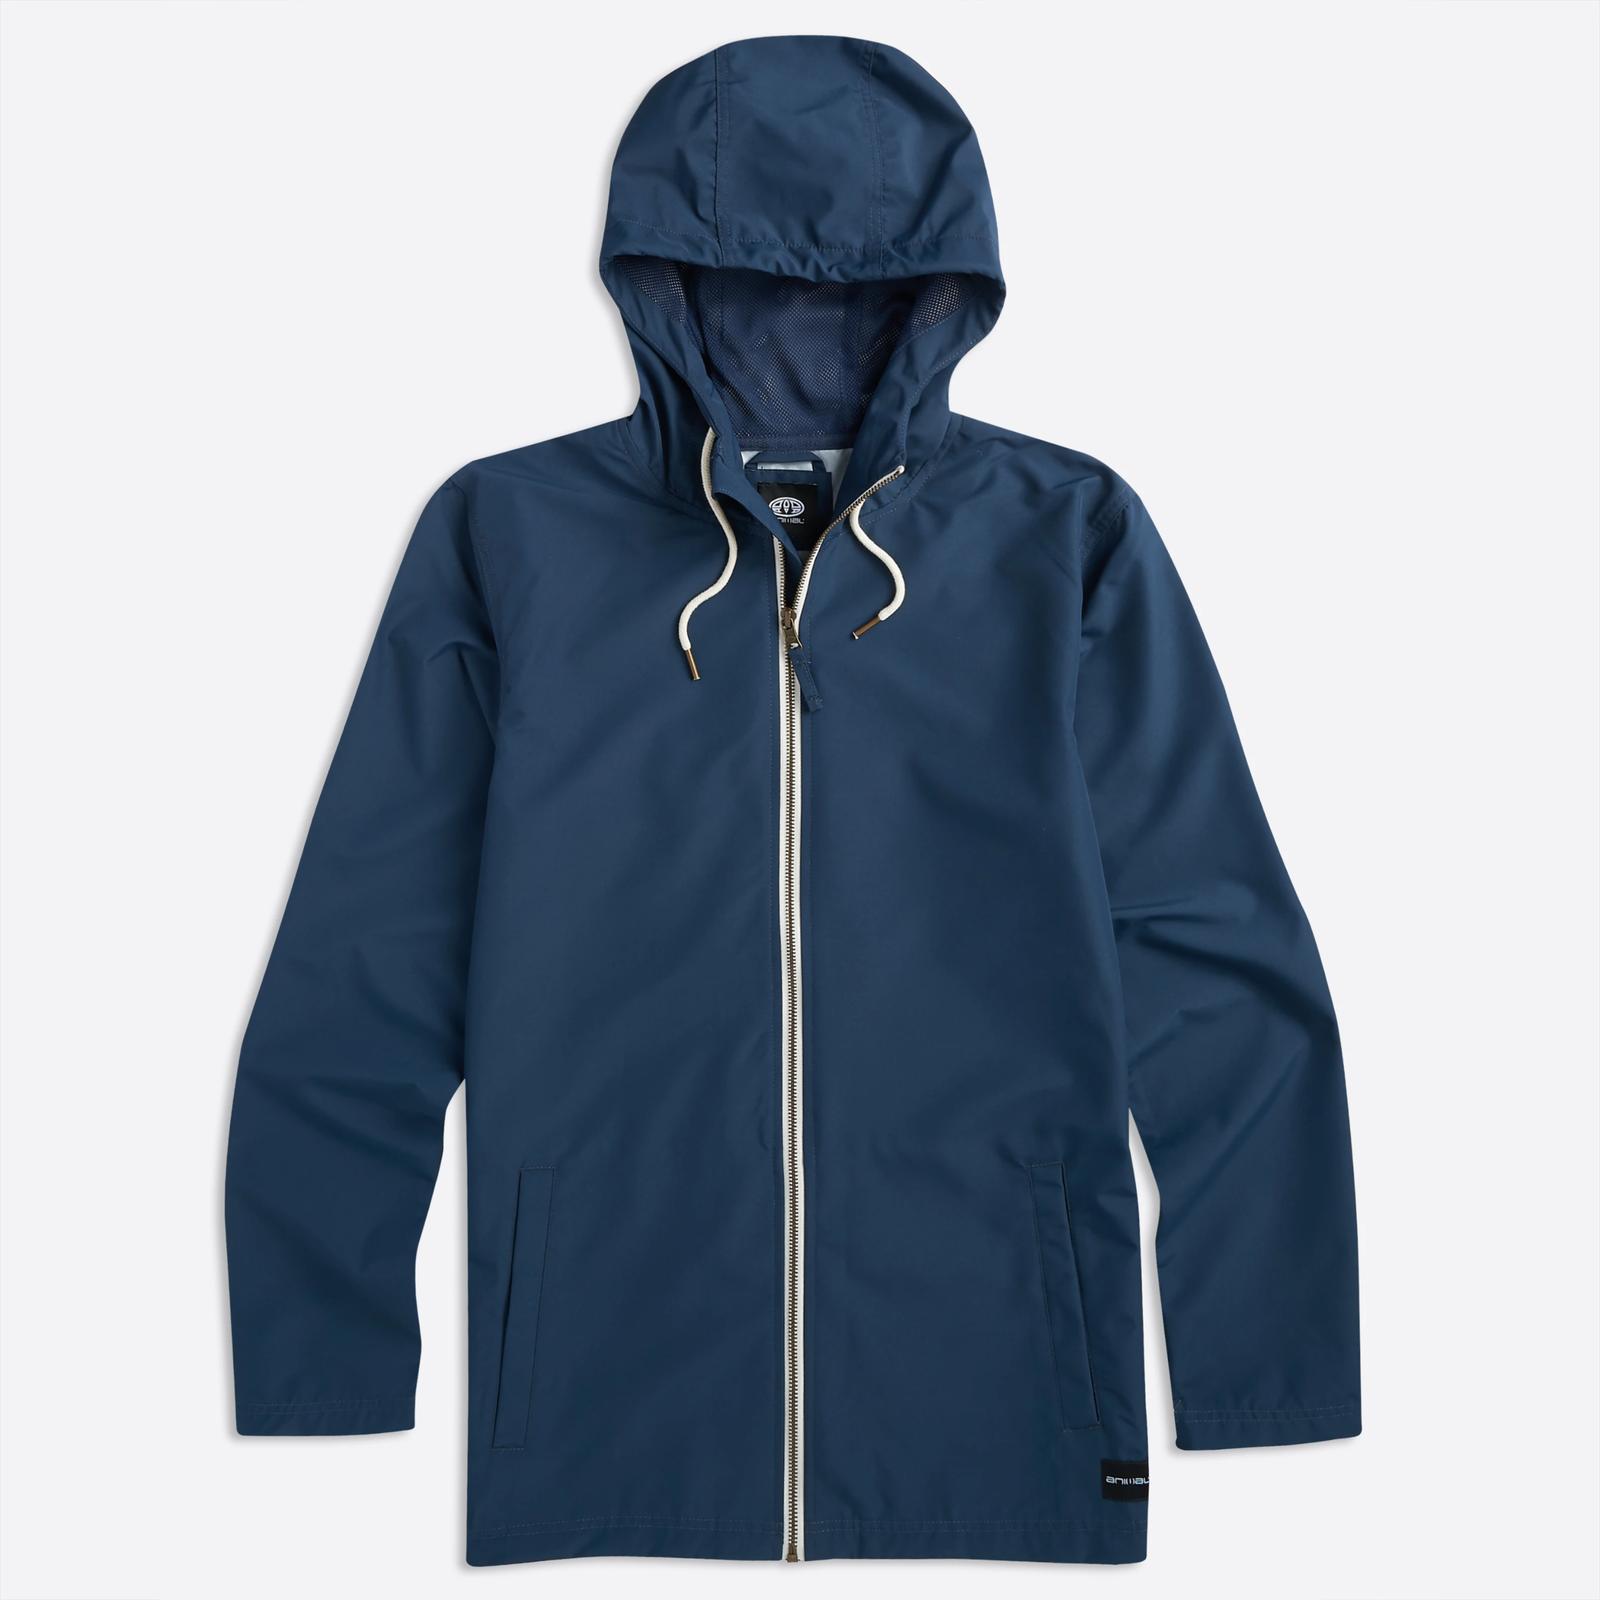 Animal Clothing Men's Byro Jacket Dark Navy 5057652287353 - S Blue